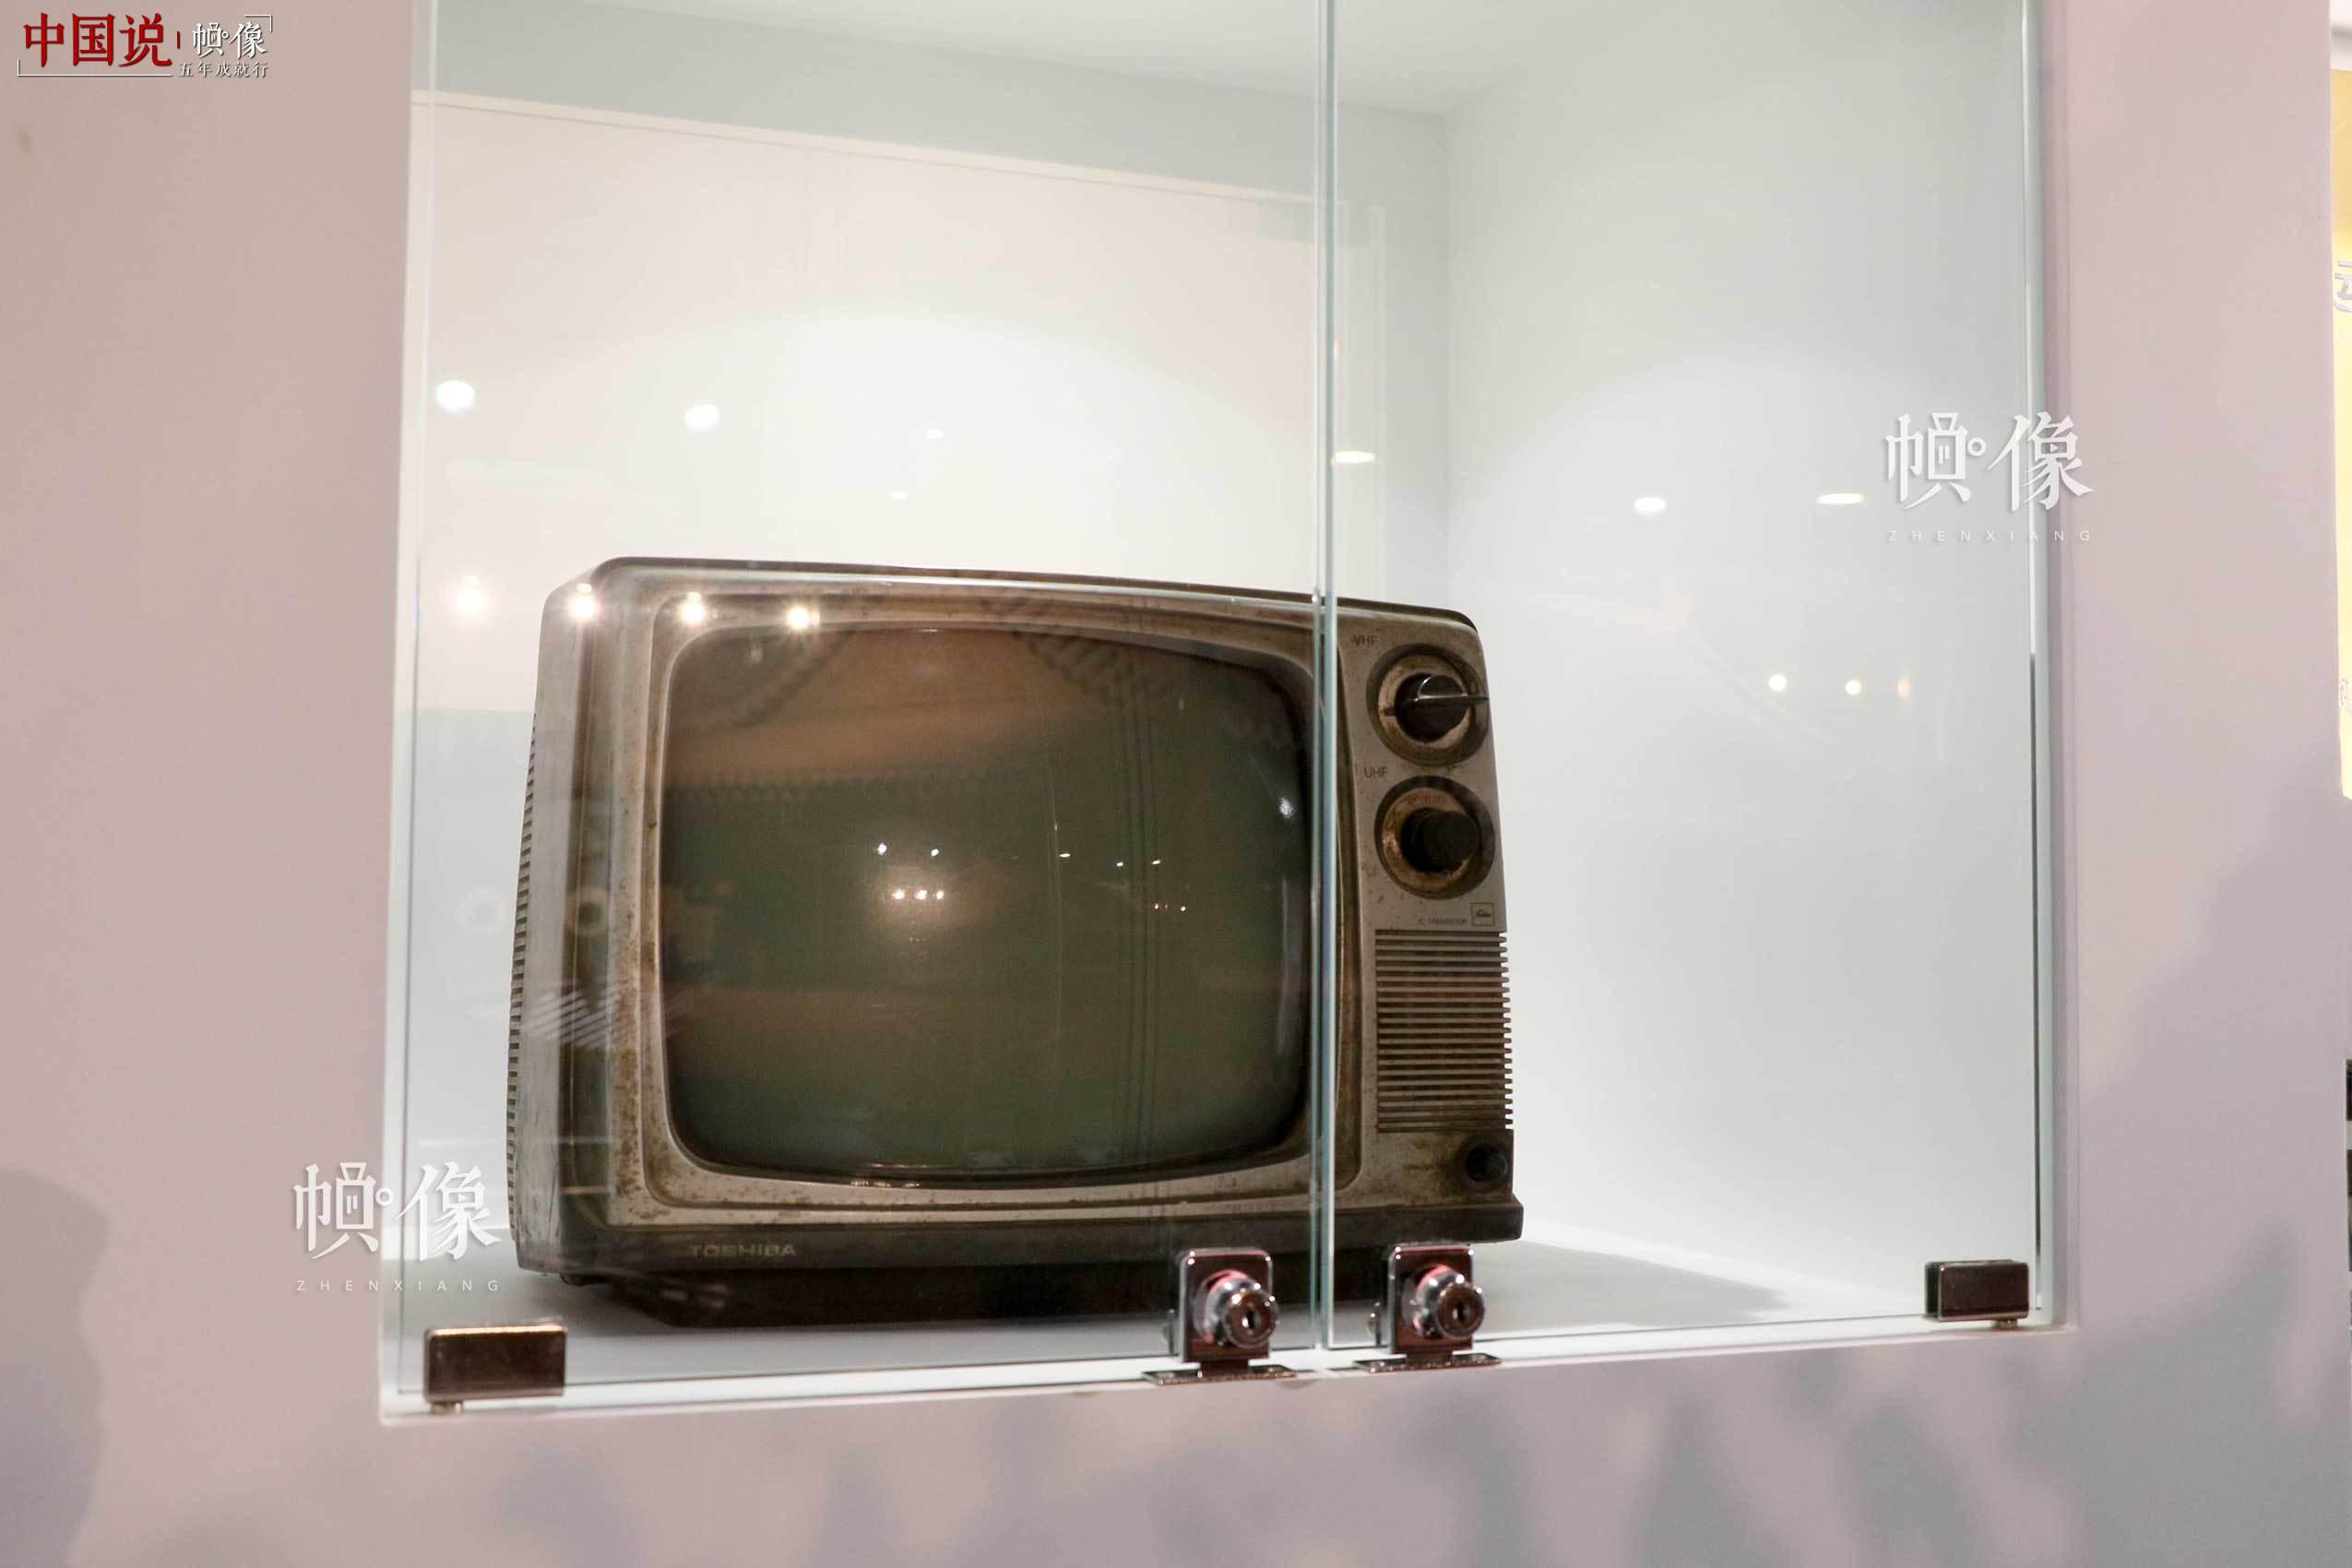 朝阳规划艺术馆主展区陈列旧式电视机。中国网记者 赵超 摄